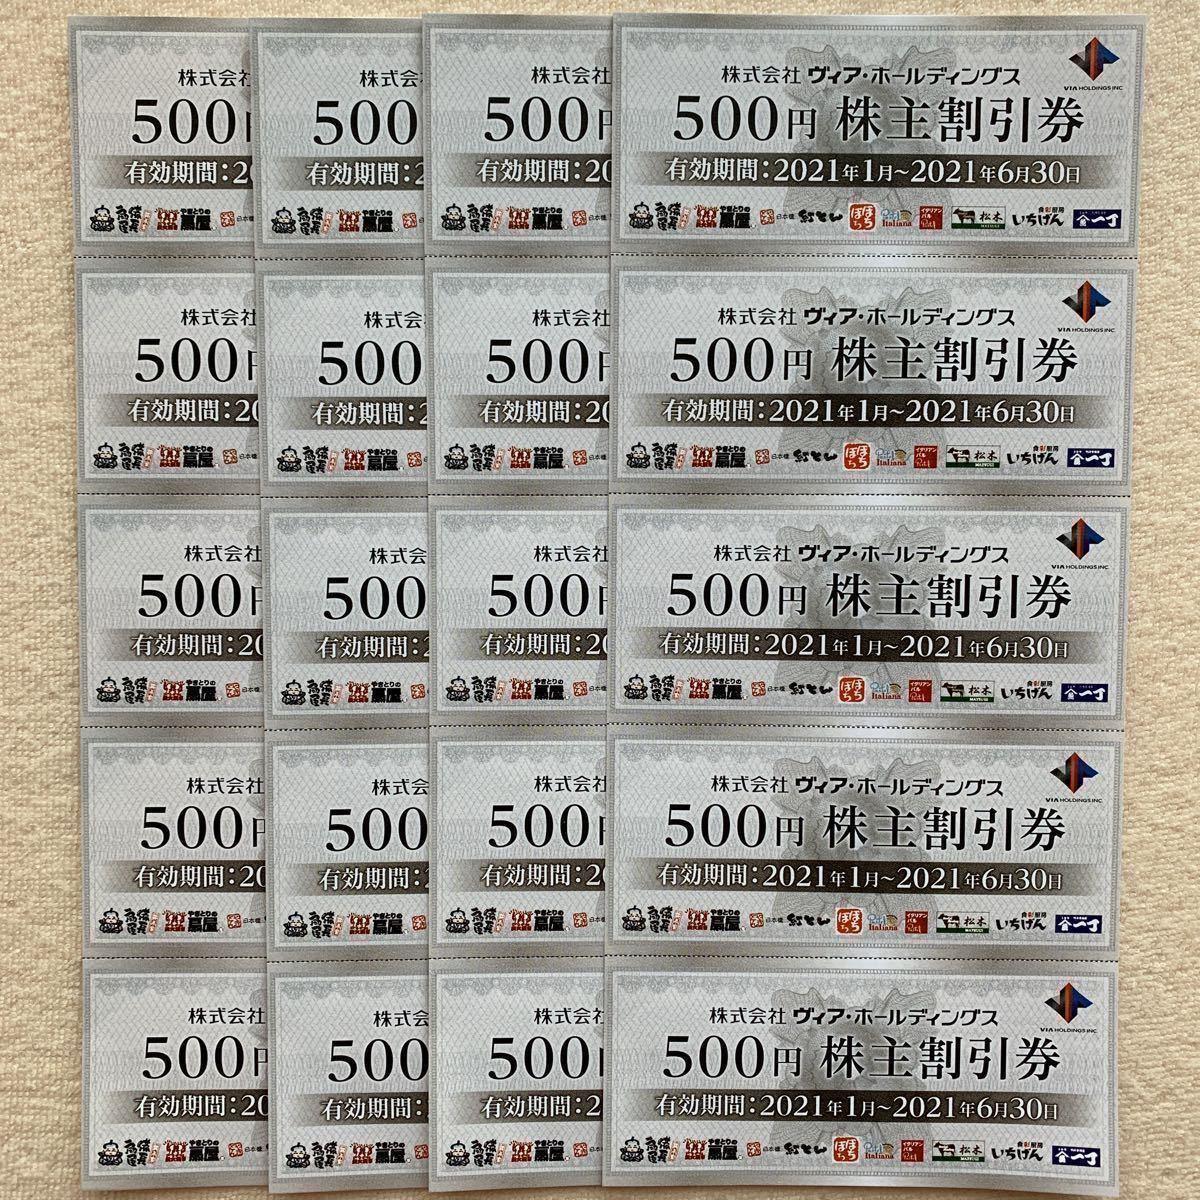 ヴィア・ホールディングス 株主優待券 500円×5枚×4シートで10,000円分 備長扇屋 紅とん 扇屋 パステル _画像1